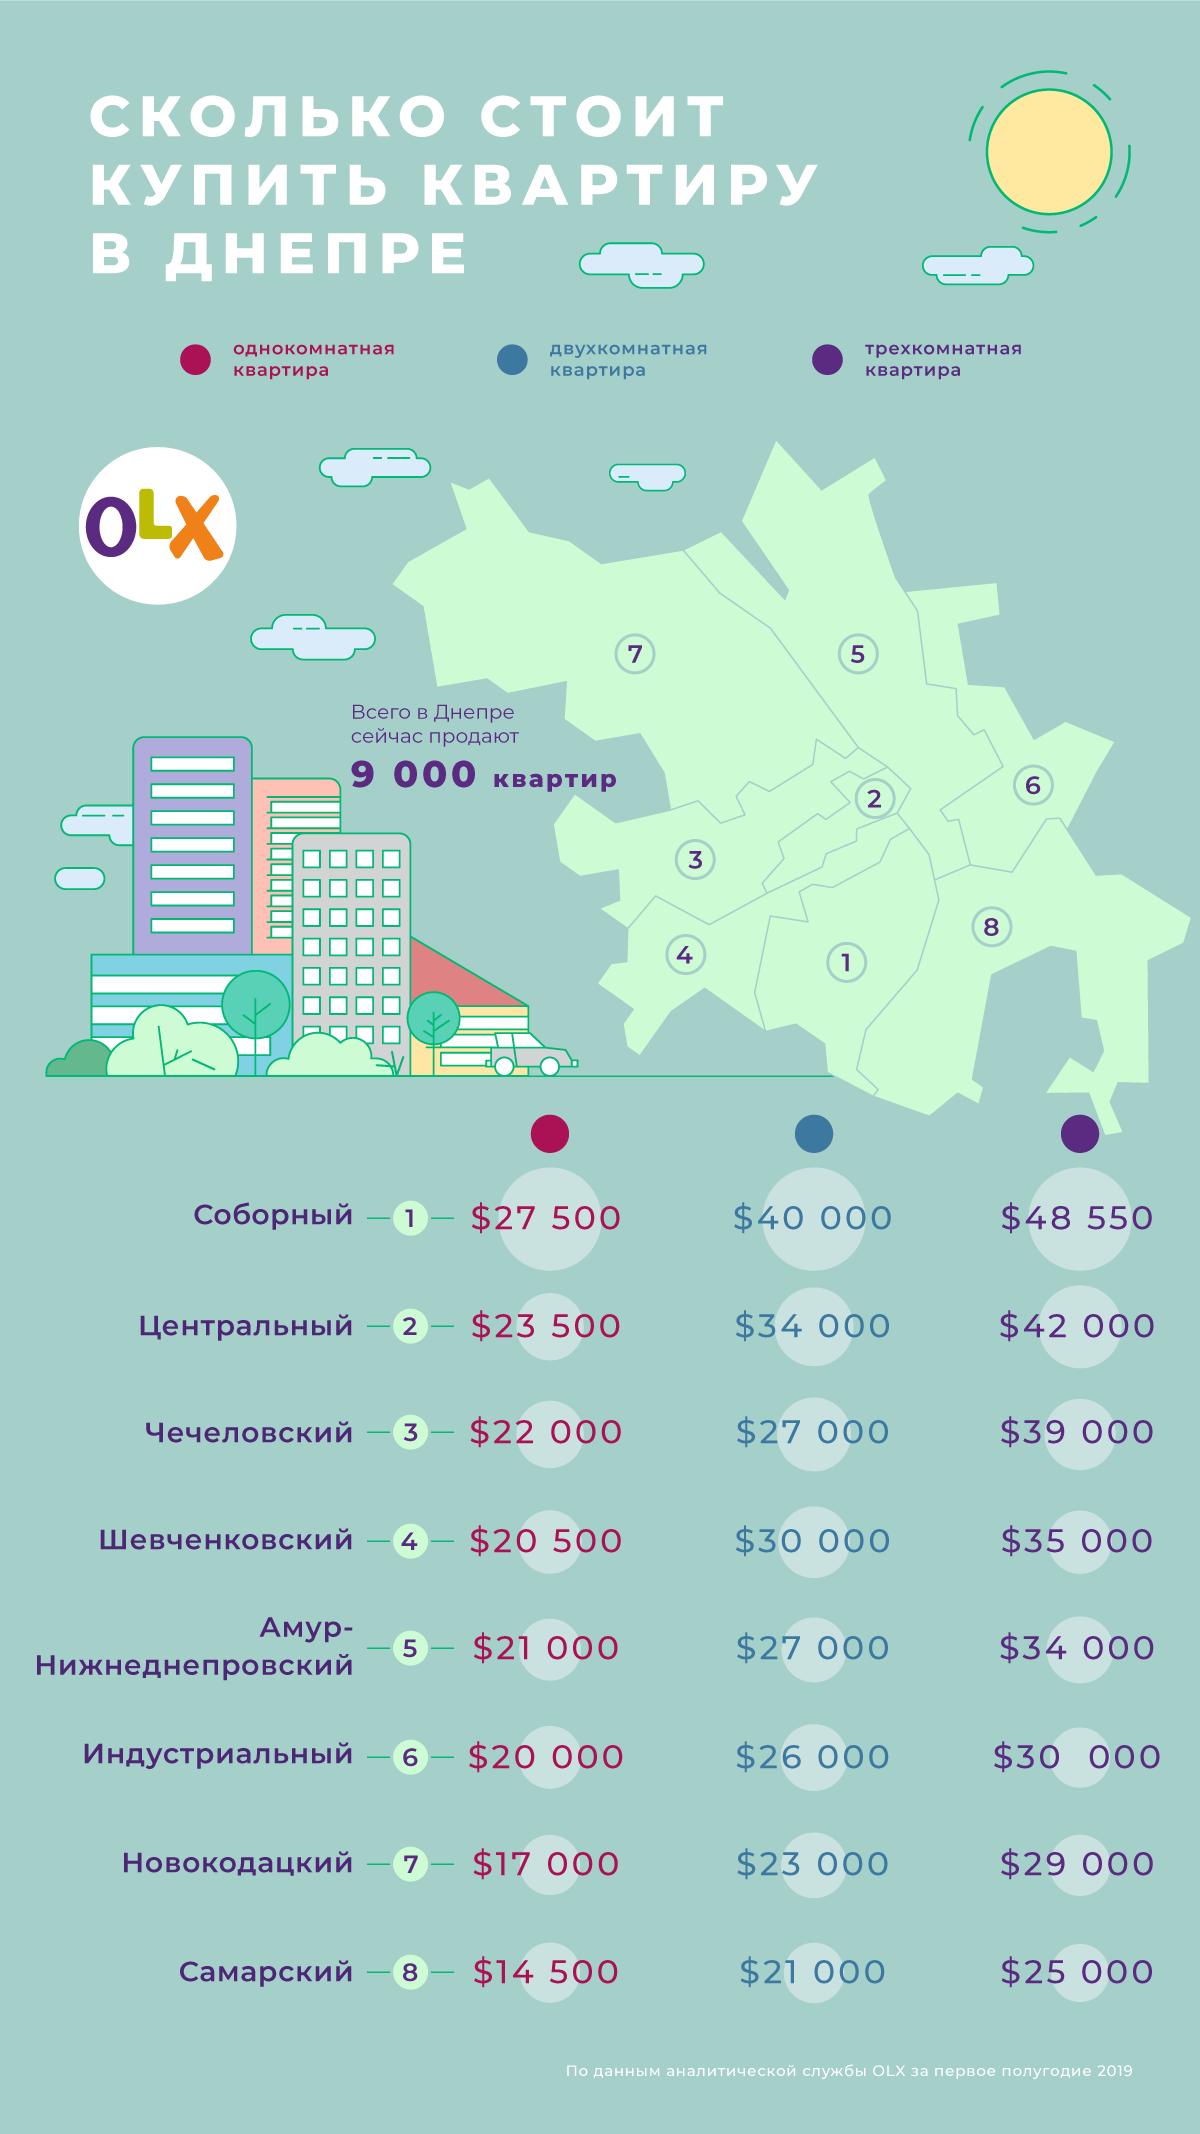 Жилье на Победе дороже, чем в центре:сколько стоят квартиры в Днепре. Новости Днепра